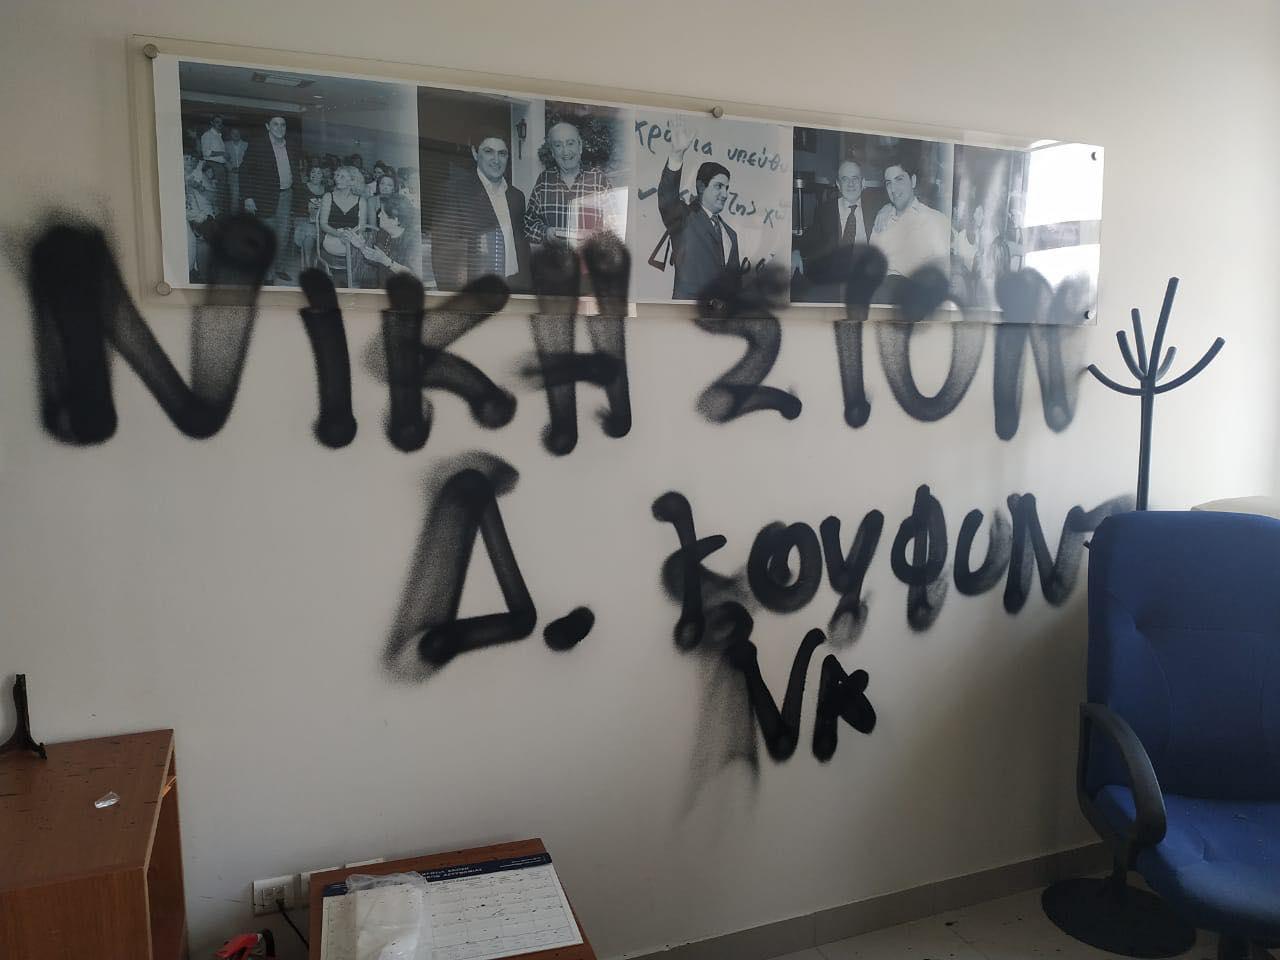 Κρήτη: Συλλήψεις για την επίθεση στο πολιτικό γραφείο του Λευτέρη Αυγενάκη – Παντού συνθήματα για τον Κουφοντίνα